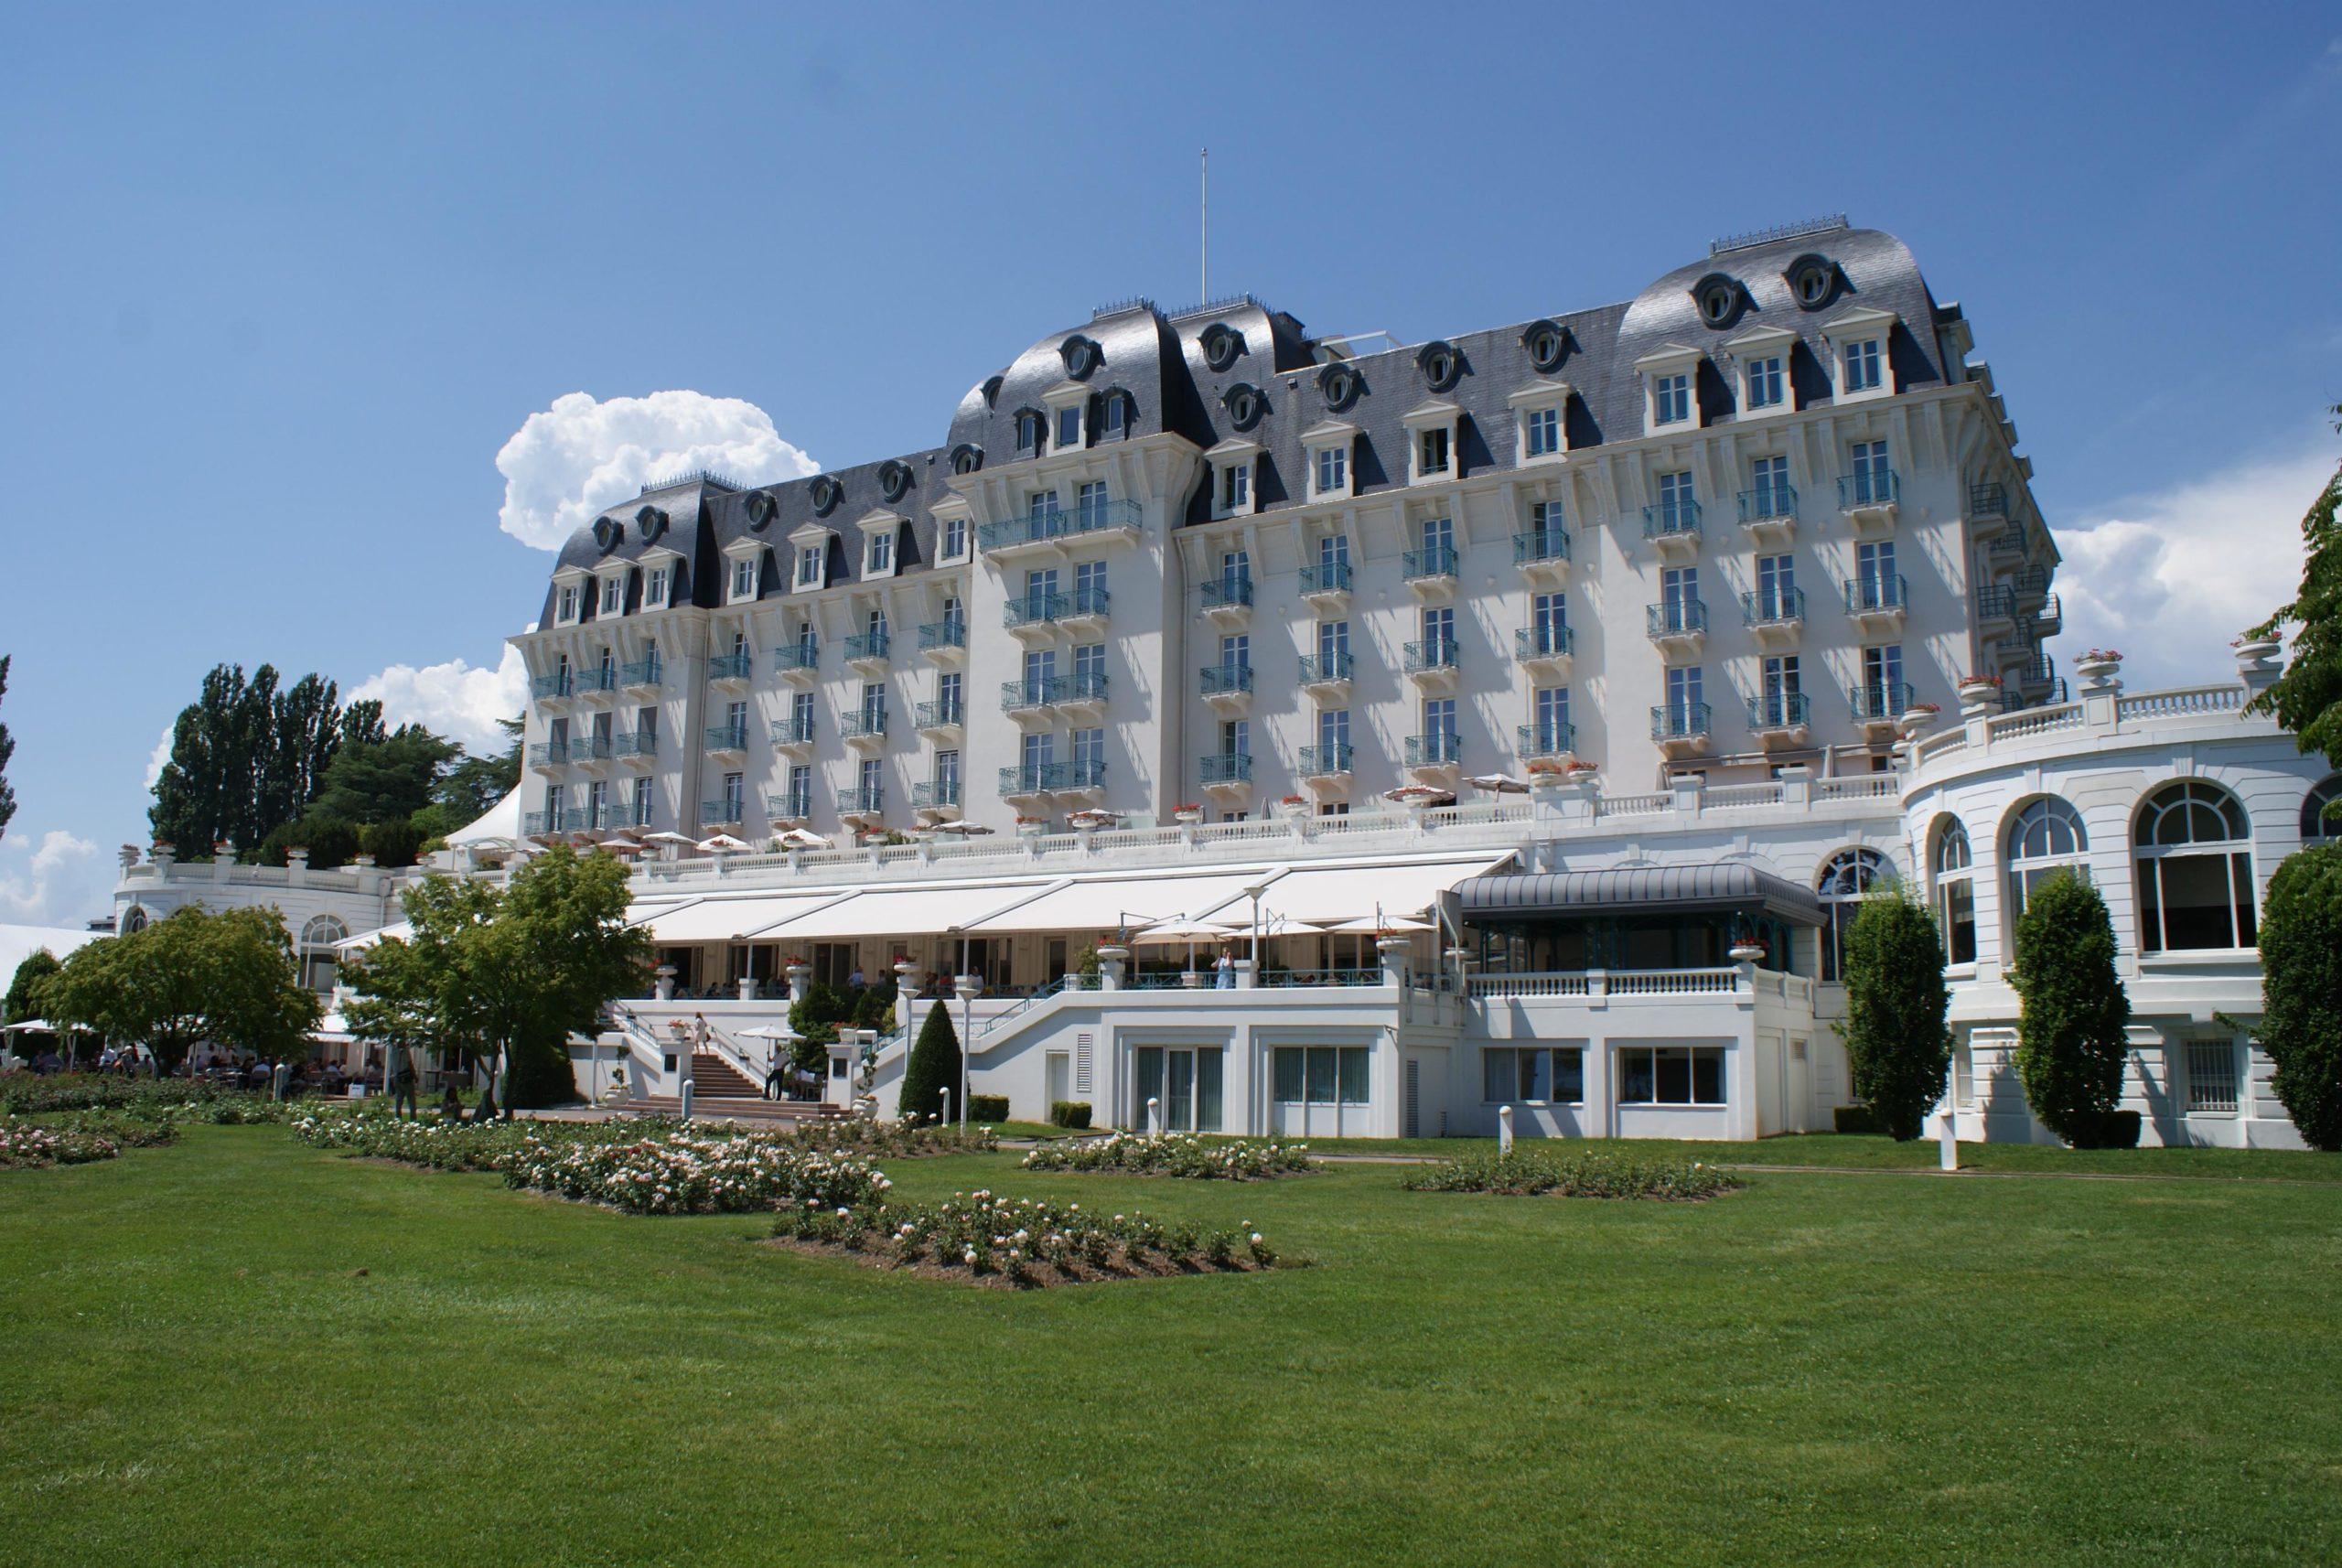 Le congrès de l'hôtellerie-restauration débarque à l'Impérial Palace